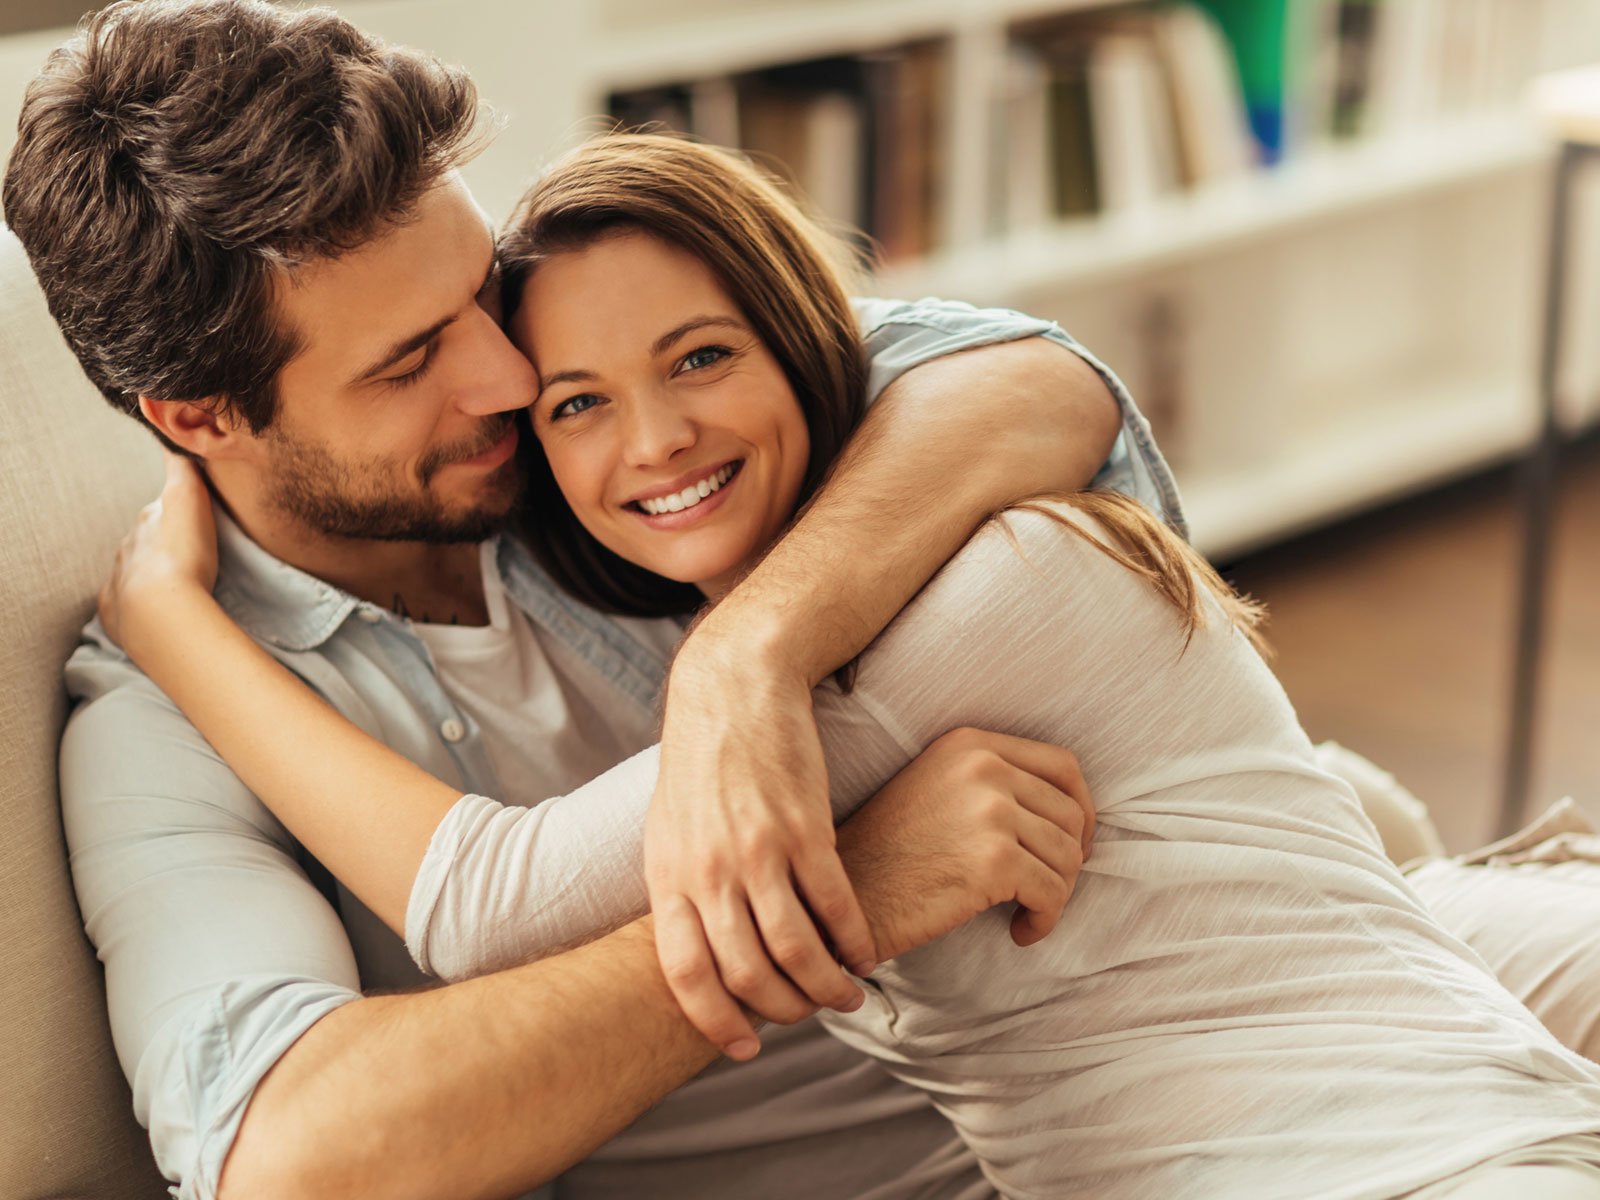 Marido oferece a esposa de bandeja pro negao dotado wwwporngratisxxcom - 2 2